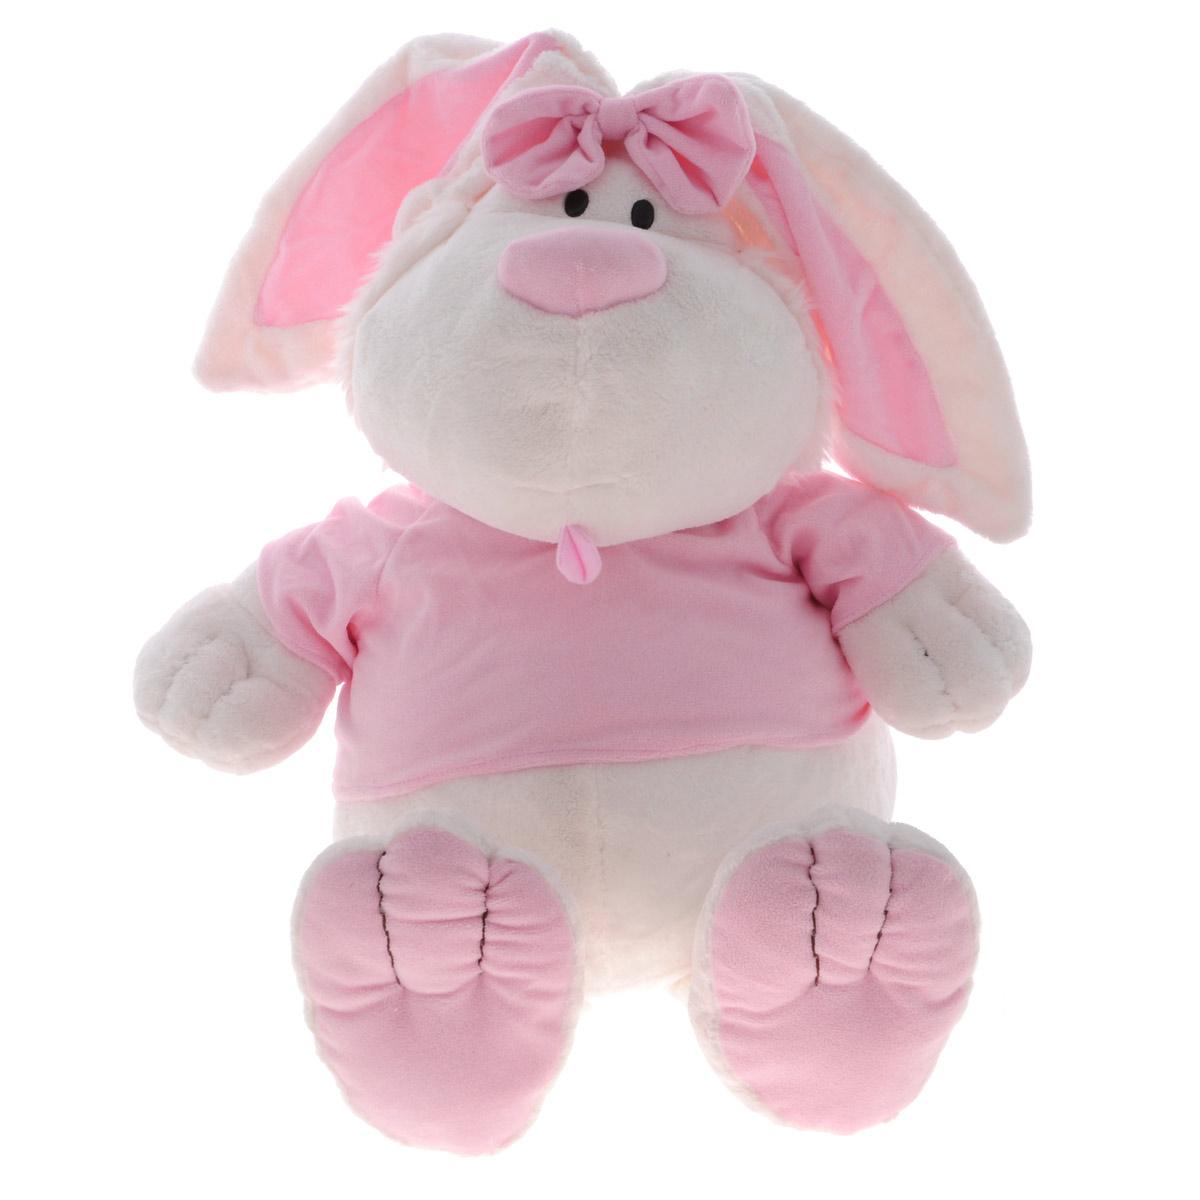 Мягкая игрушка Gulliver Кролик, сидячая, 45 см7-42230Этот чудесный кролик способен привлечь внимание каждого ребенка. Кролик может стать самым близким и любимым другом малыша, который сможет засыпать рядом с доброй и мягкой игрушкой, приятной на ощупь и выполненной из безопасных материалов. Ребенок будет несказанно рад получить в подарок такого милого и прекрасного создания. Мягкие игрушки Gulliver способствуют гармоничному умственному и физическому развитию крохи. В процессе игры у ребенка будет развиваться тактильное восприятие, он научится различать формы и цветовые гаммы. Ребенок будет делиться секретами с игрушкой, вести беседы, тем самым развивая речевые навыки и увеличивая свой словарный запас и кругозор.